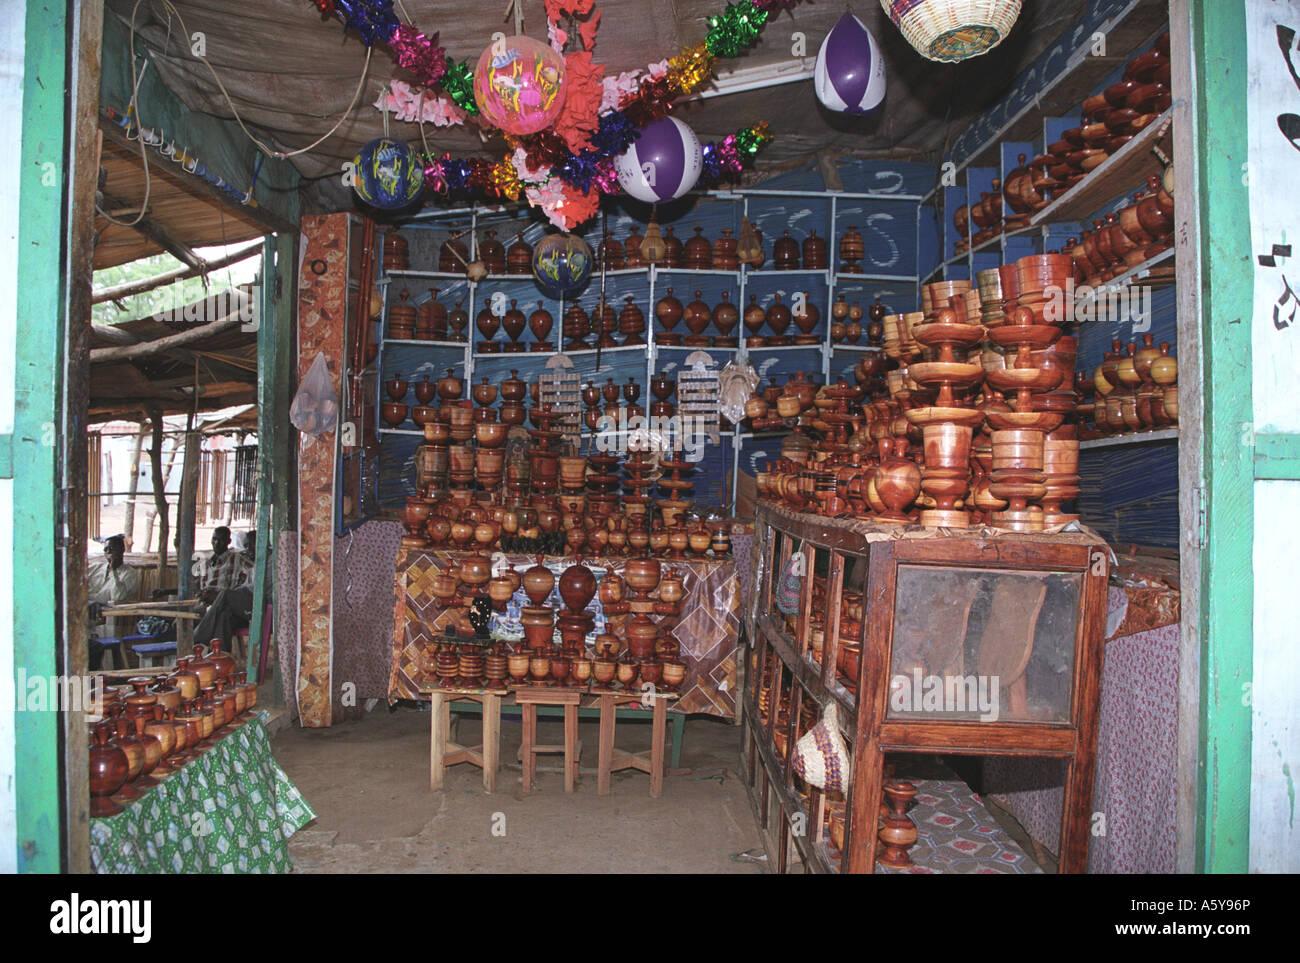 Shop at Juba market, South Sudan - Stock Image